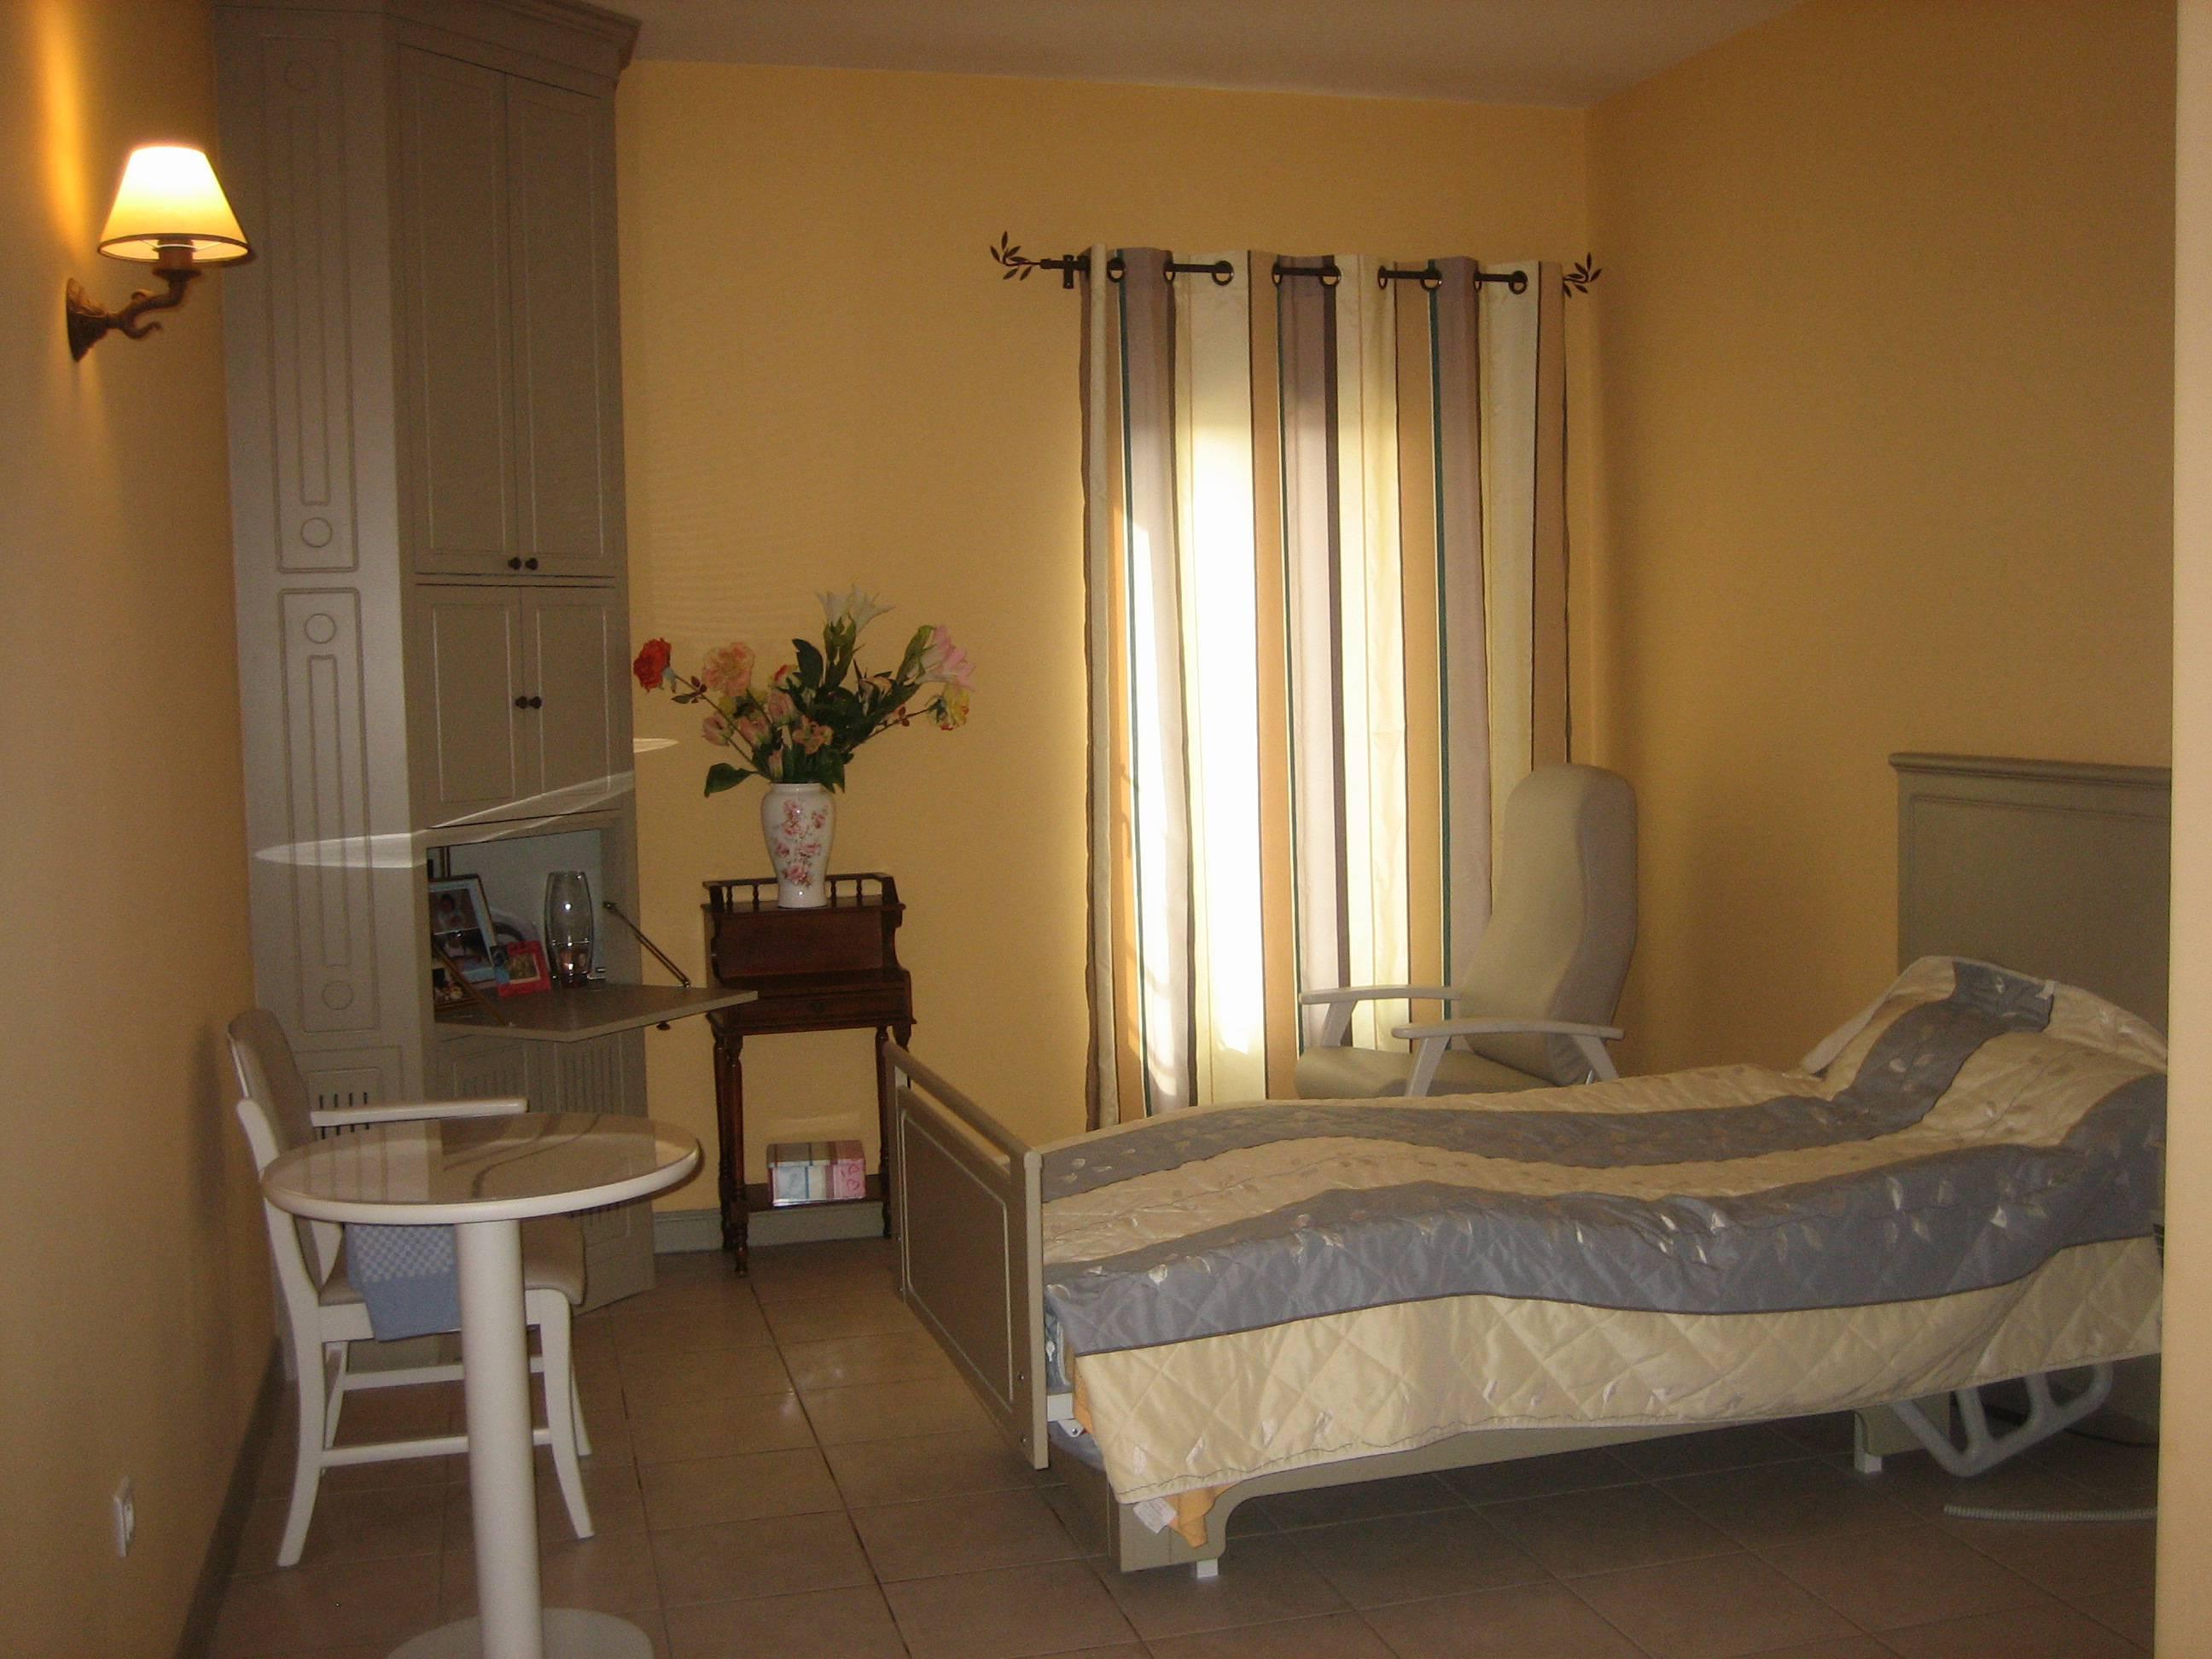 Maison de retraite r sidence prosper mathieu chateauneuf du pape maisons - Acheter une chambre en maison de retraite ...